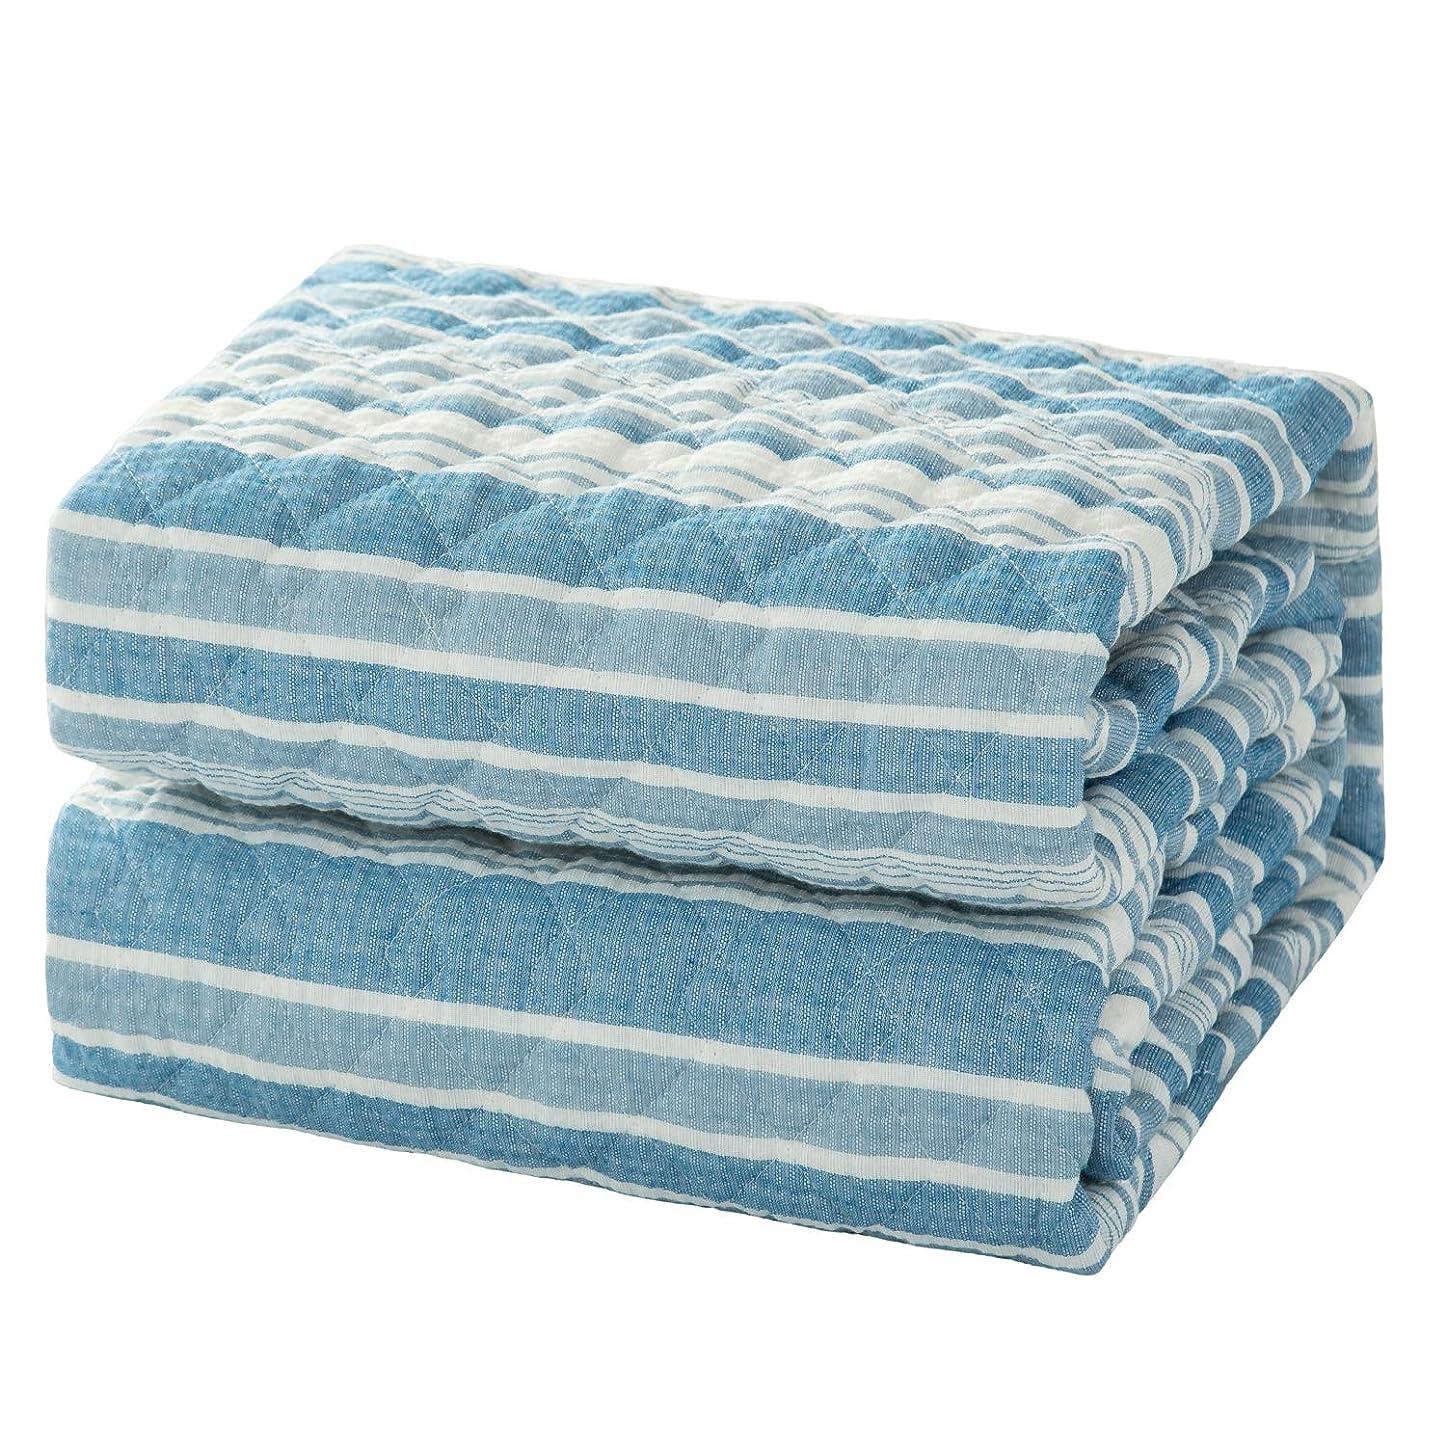 従事する太鼓腹遠えBedsure 敷きパッド 綿 ダブル コットン 100% 夏用 ベッド パッド 洗える ダブルベッド ライト ブルー 先染め しじら織り 和風 防ダニ